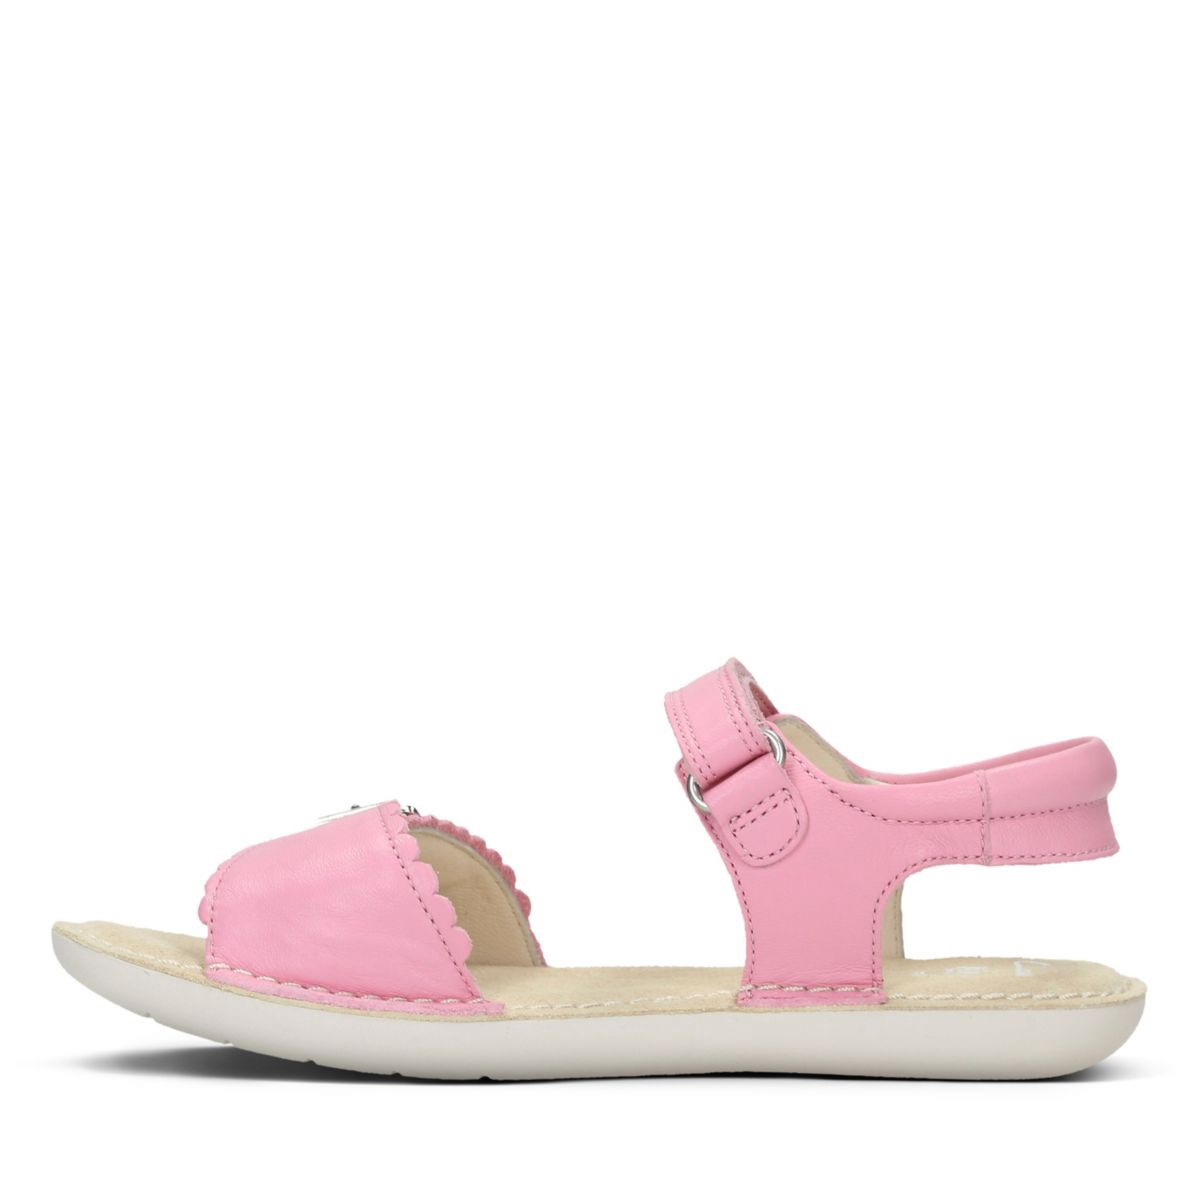 88d5d1ff482 Clarks Ivy Blossom Junior - Kids Sandals Pink Leather